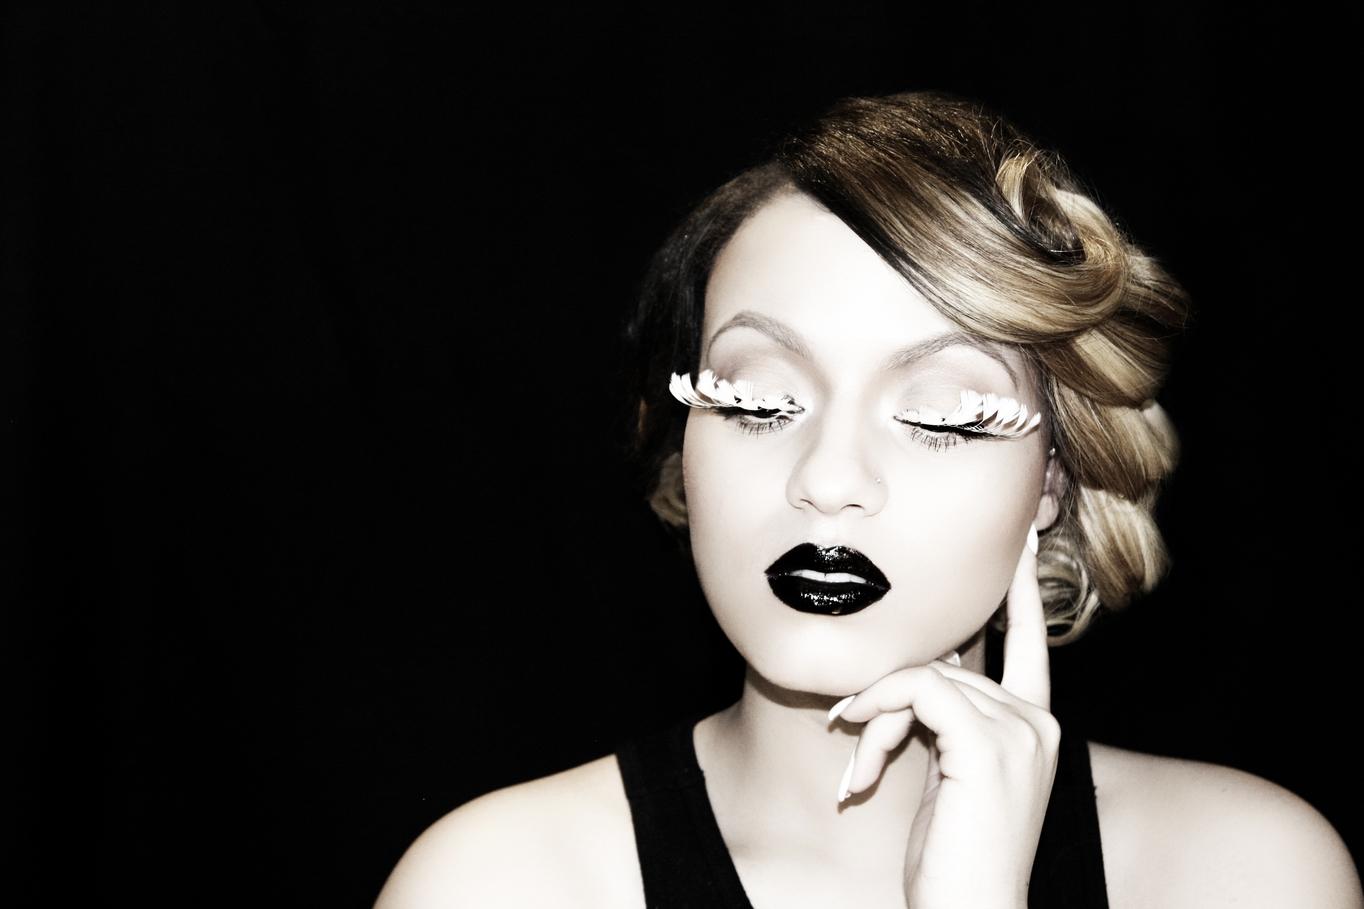 Print Photoshoot | Editorial Makeup Artist | Tymia Yvette